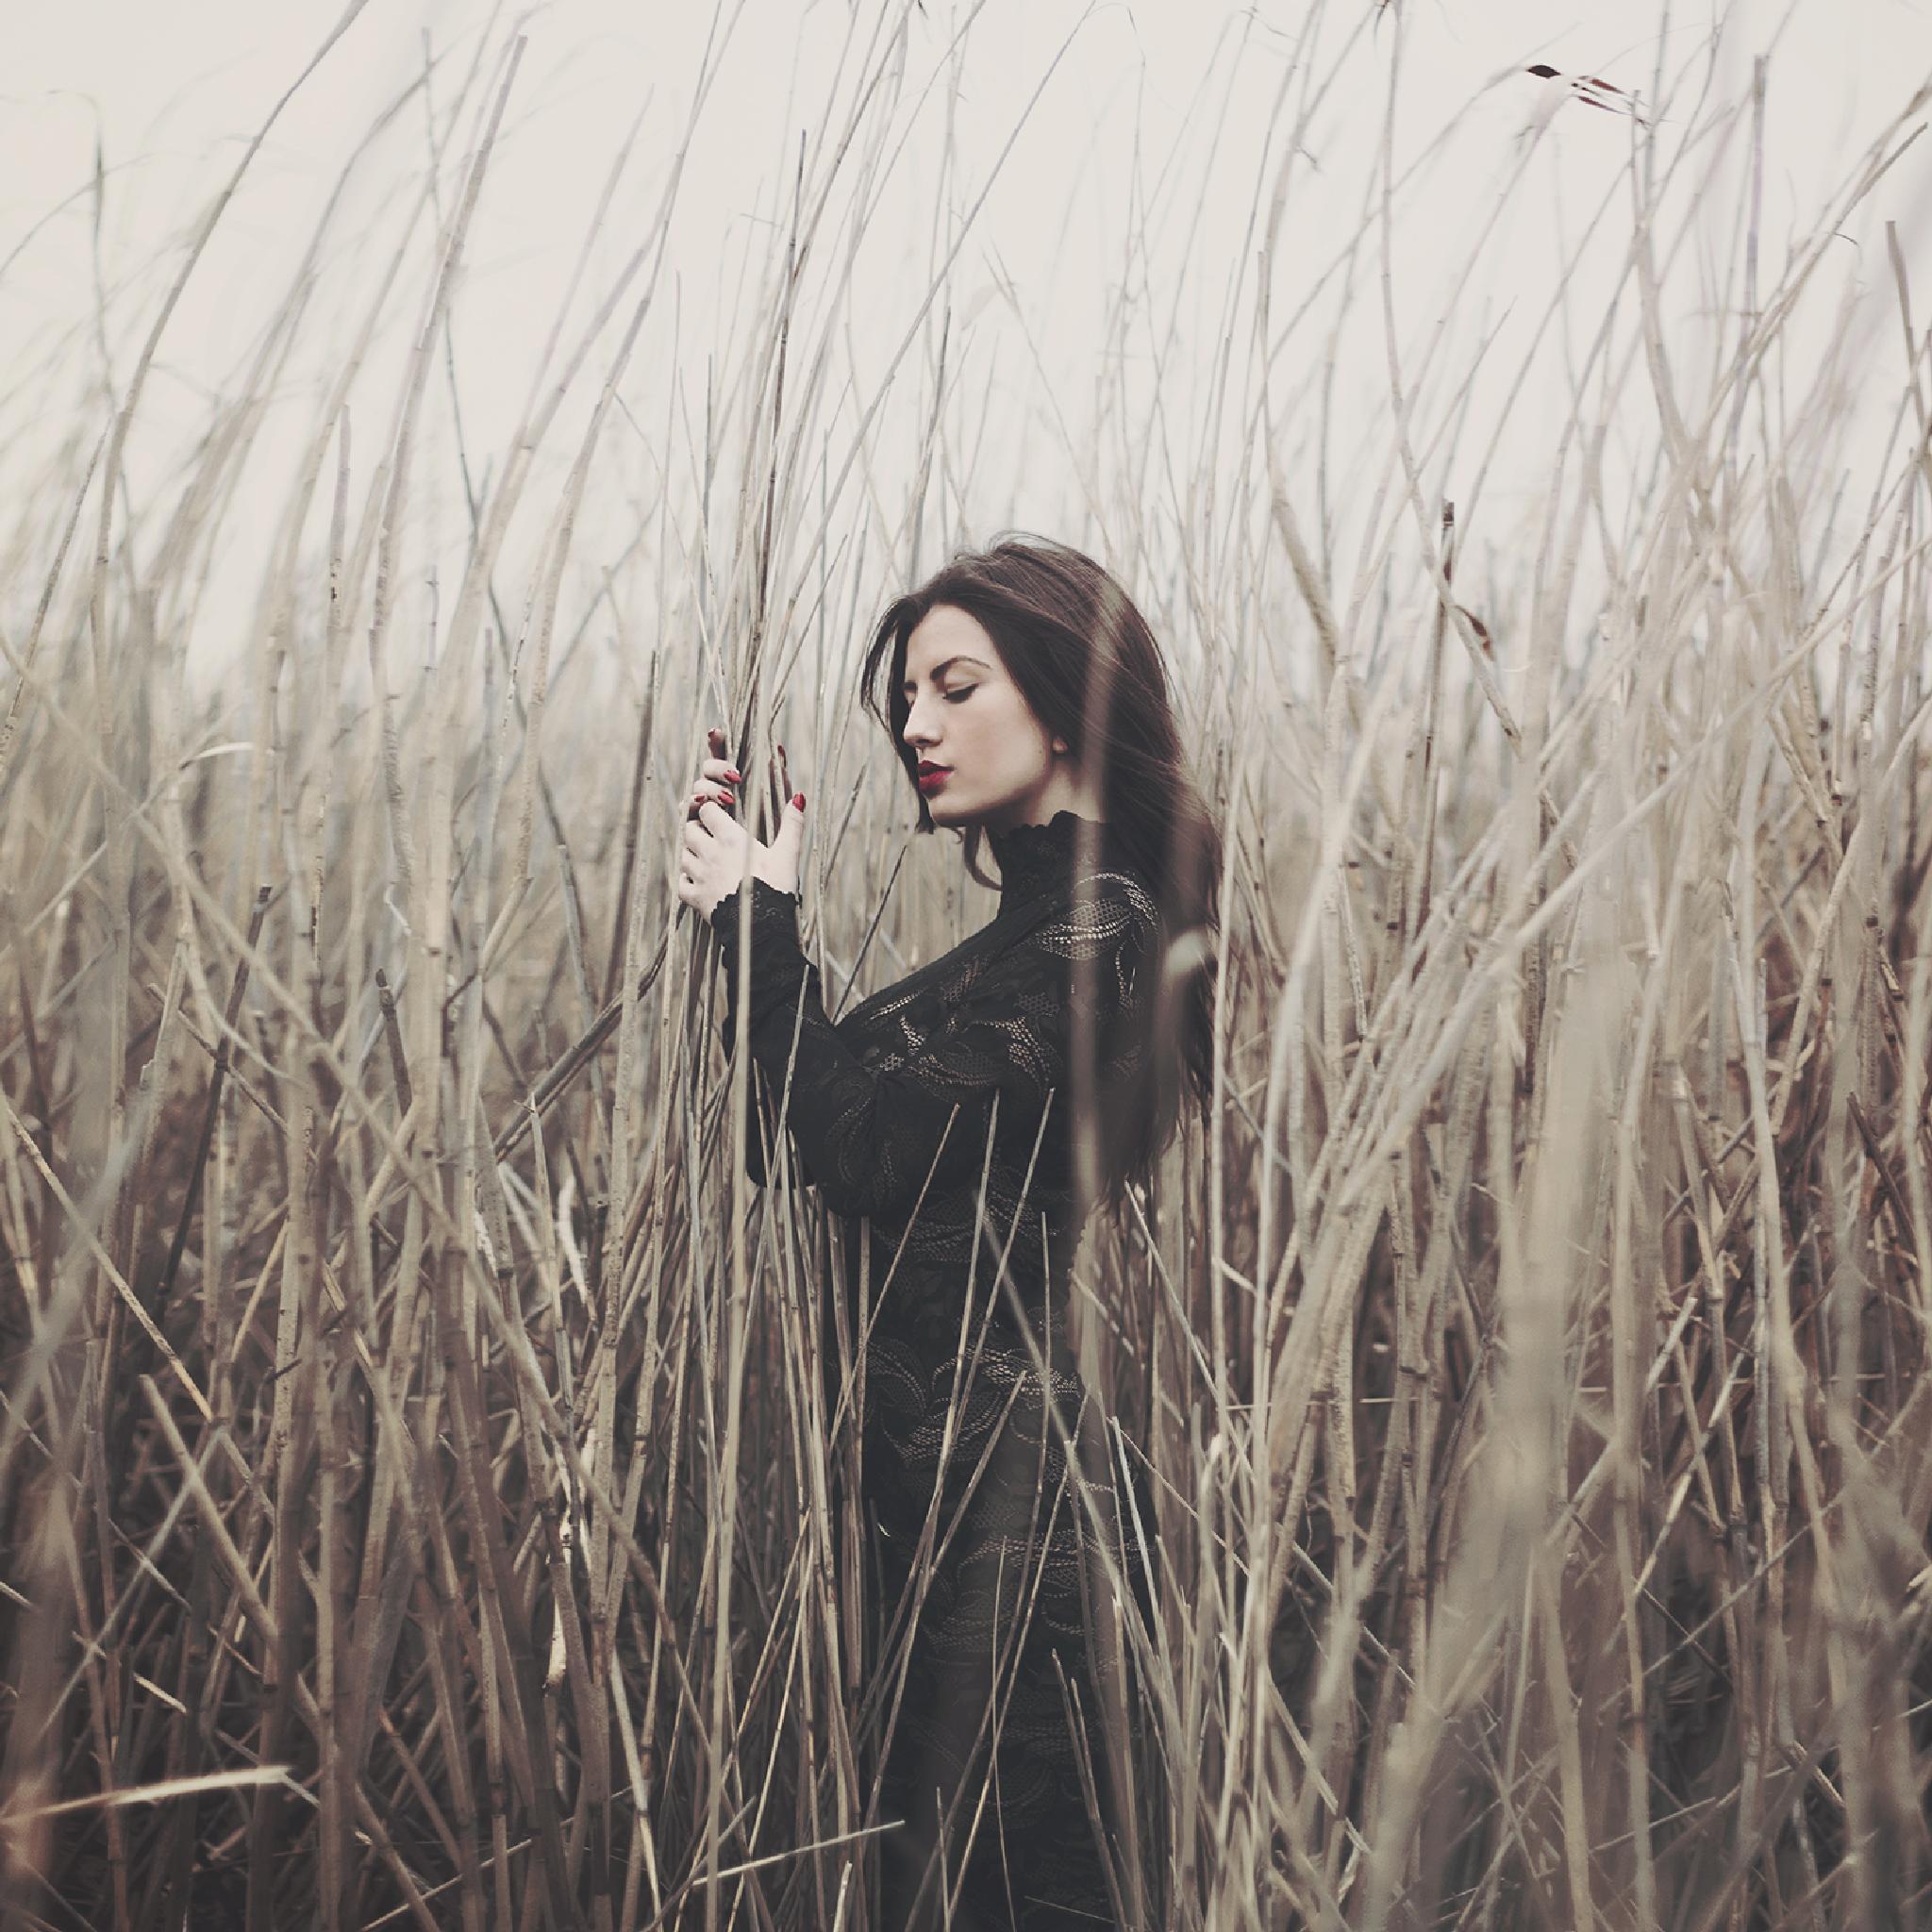 Girl in a field by Jovana Rikalo